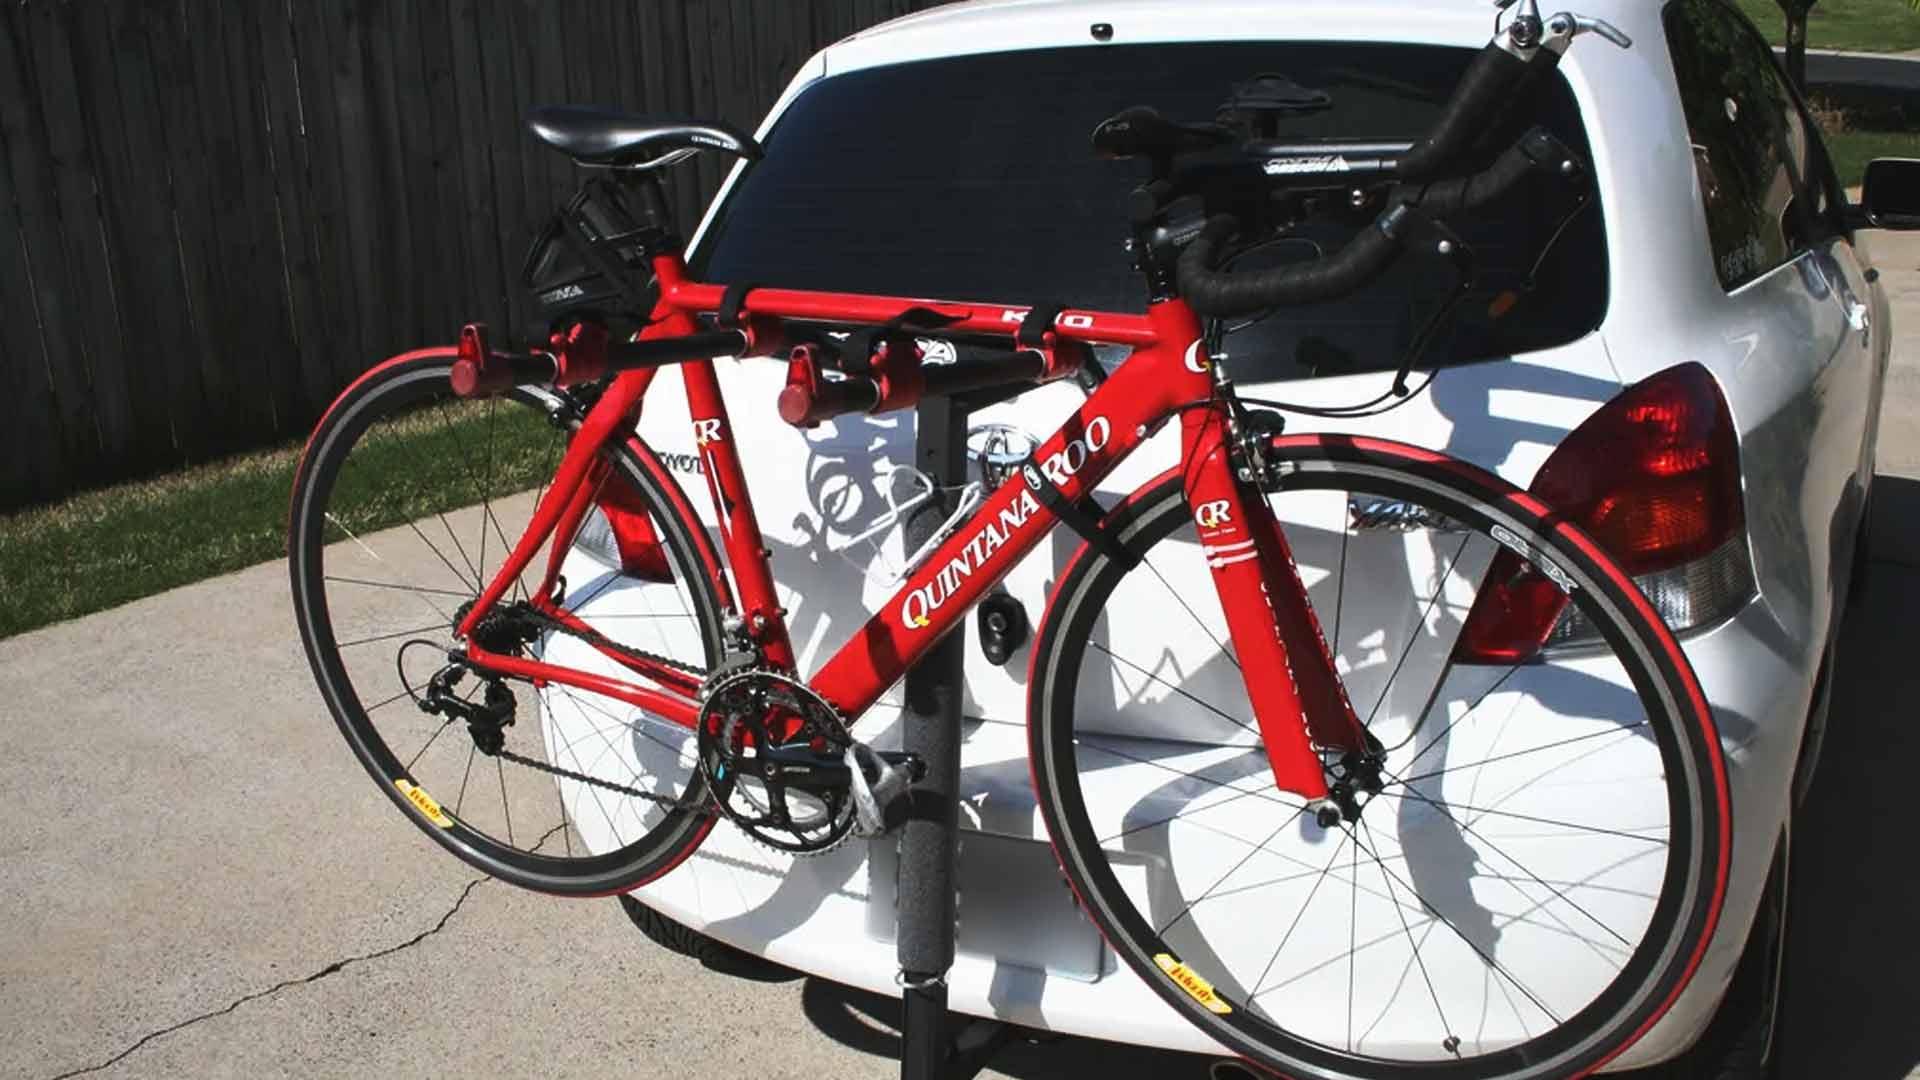 toyota yaris bike rack